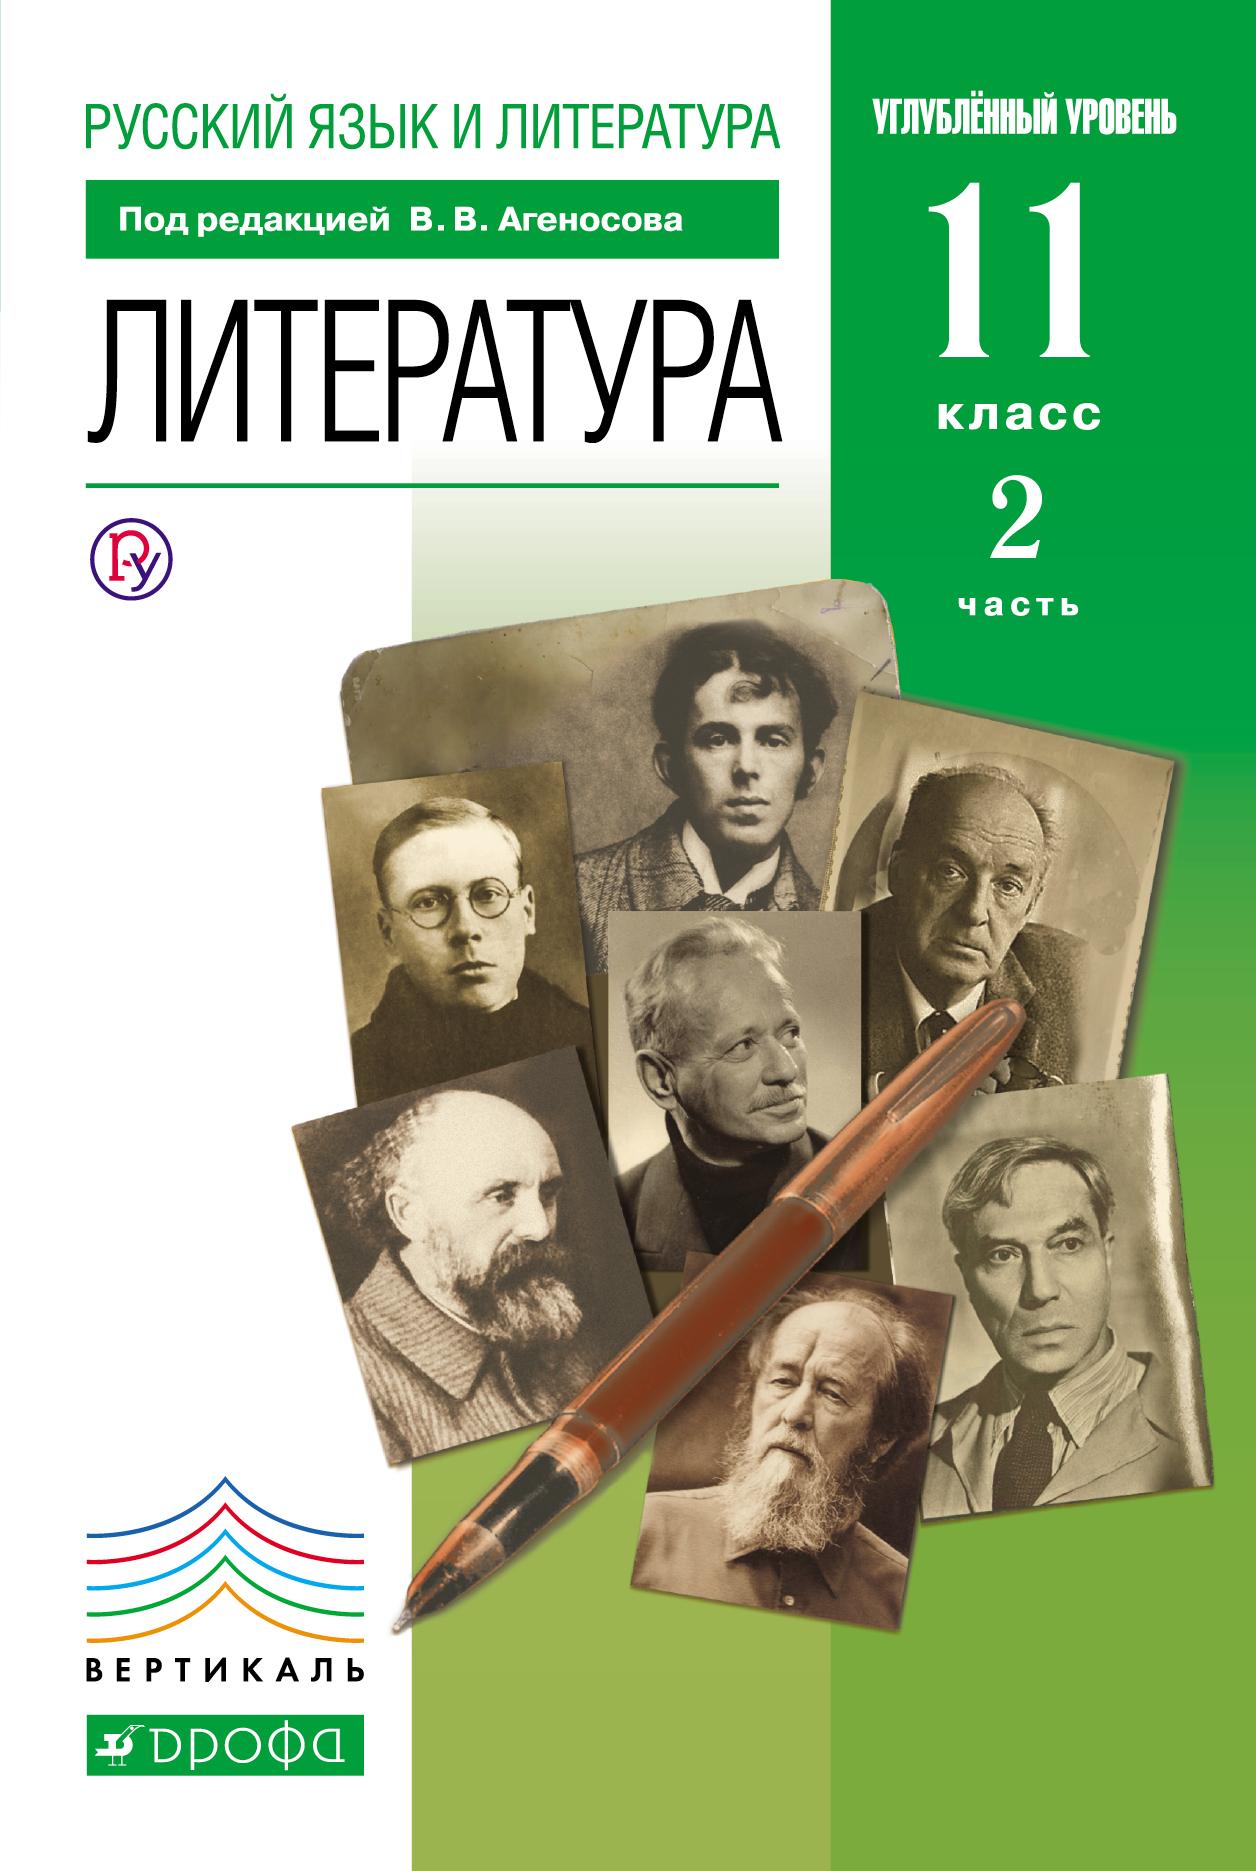 Русский язык и литература. Литература. Углубленный уровень. 11 класс. Учебник. Часть 2 ( Агеносов В.В.  )